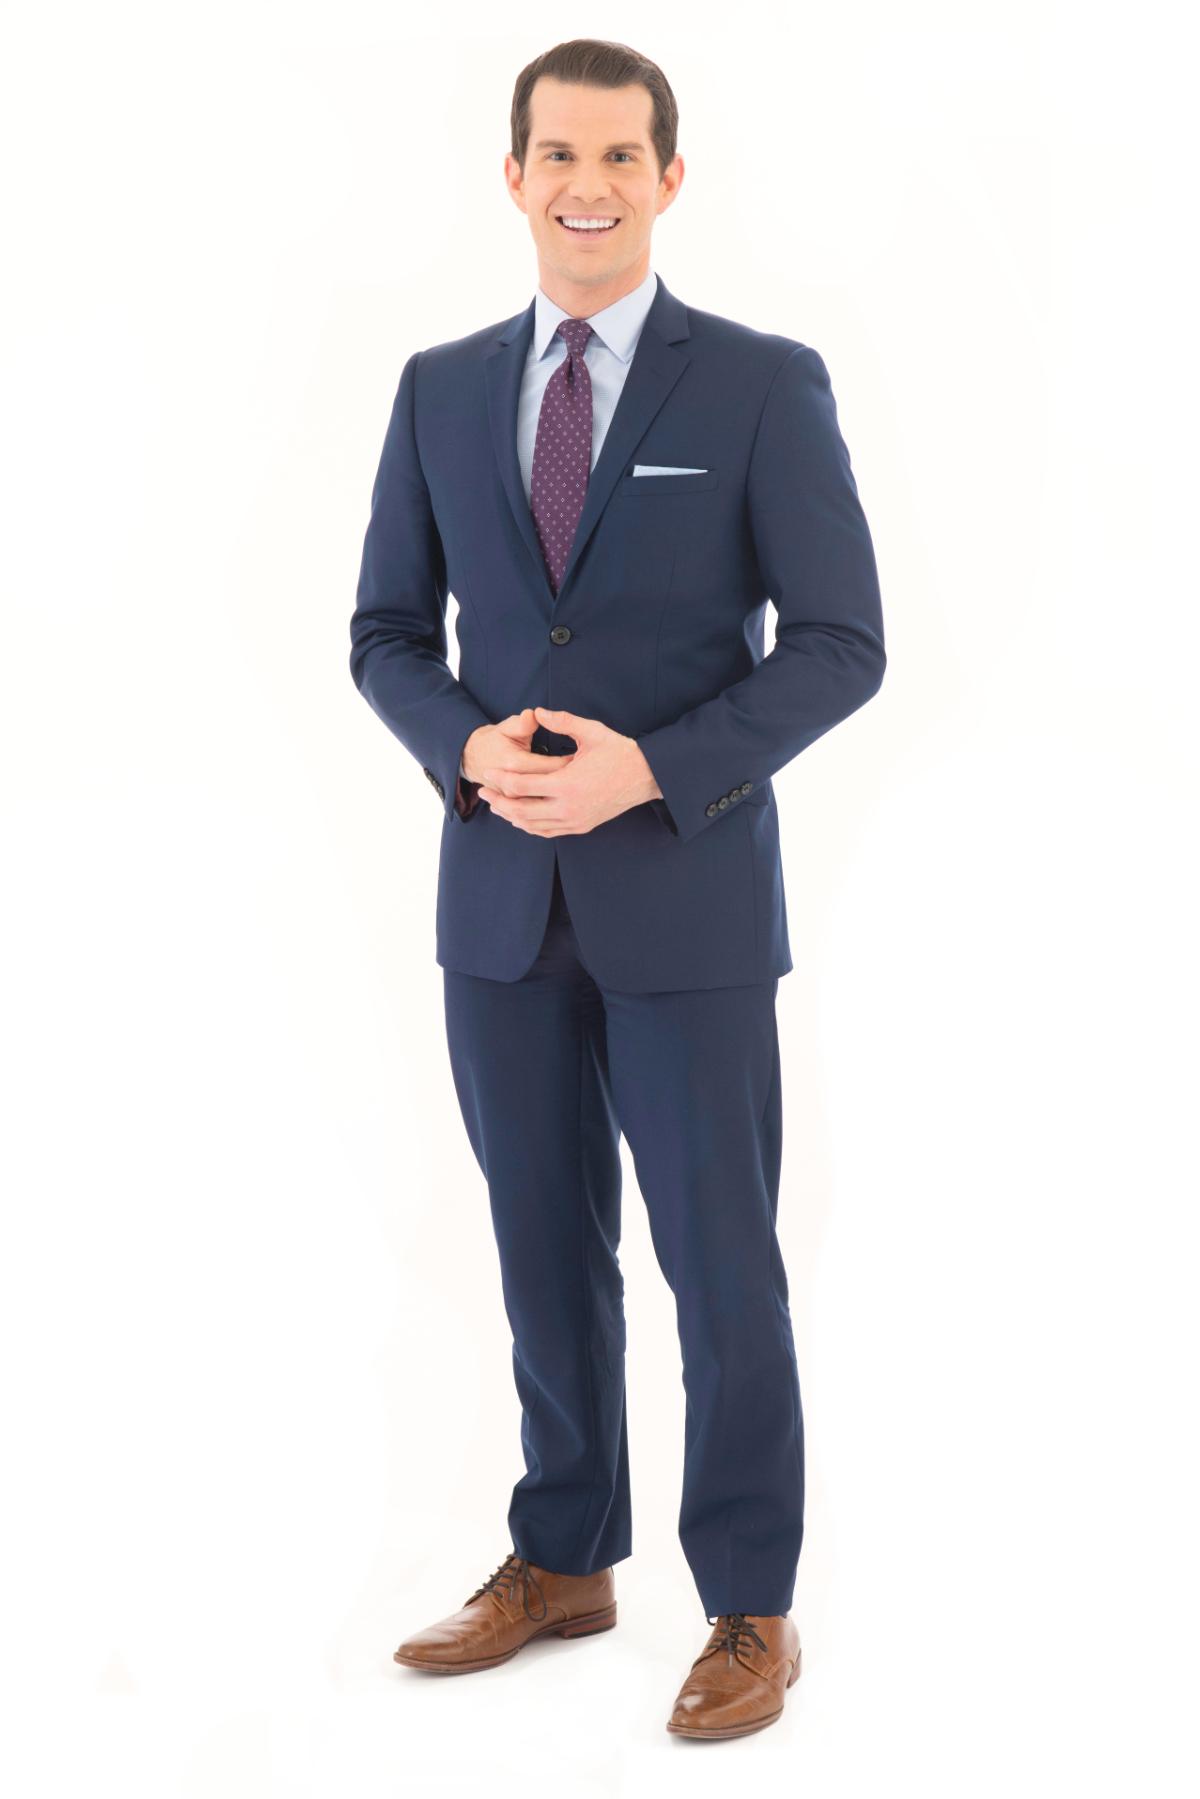 Matt Belanger standing